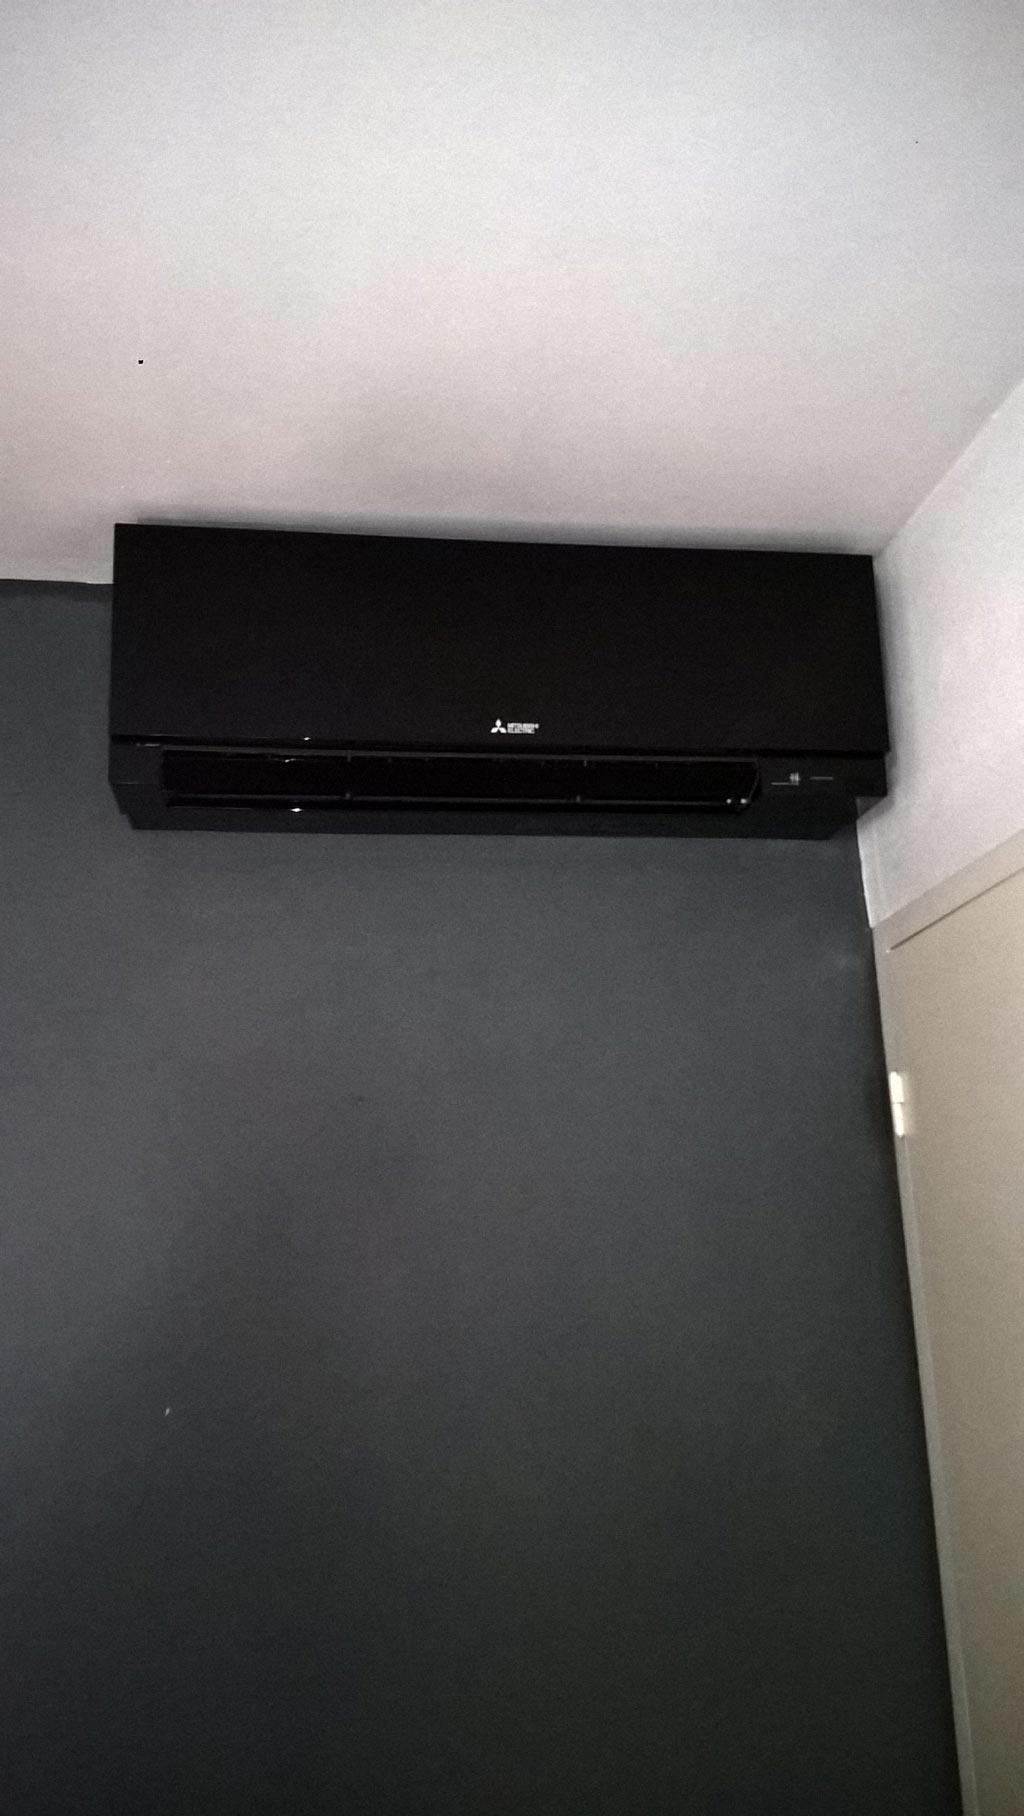 installation climatisation reversible mitsubishi muz ef35ve msz ef35ve3b pardailhan 34. Black Bedroom Furniture Sets. Home Design Ideas